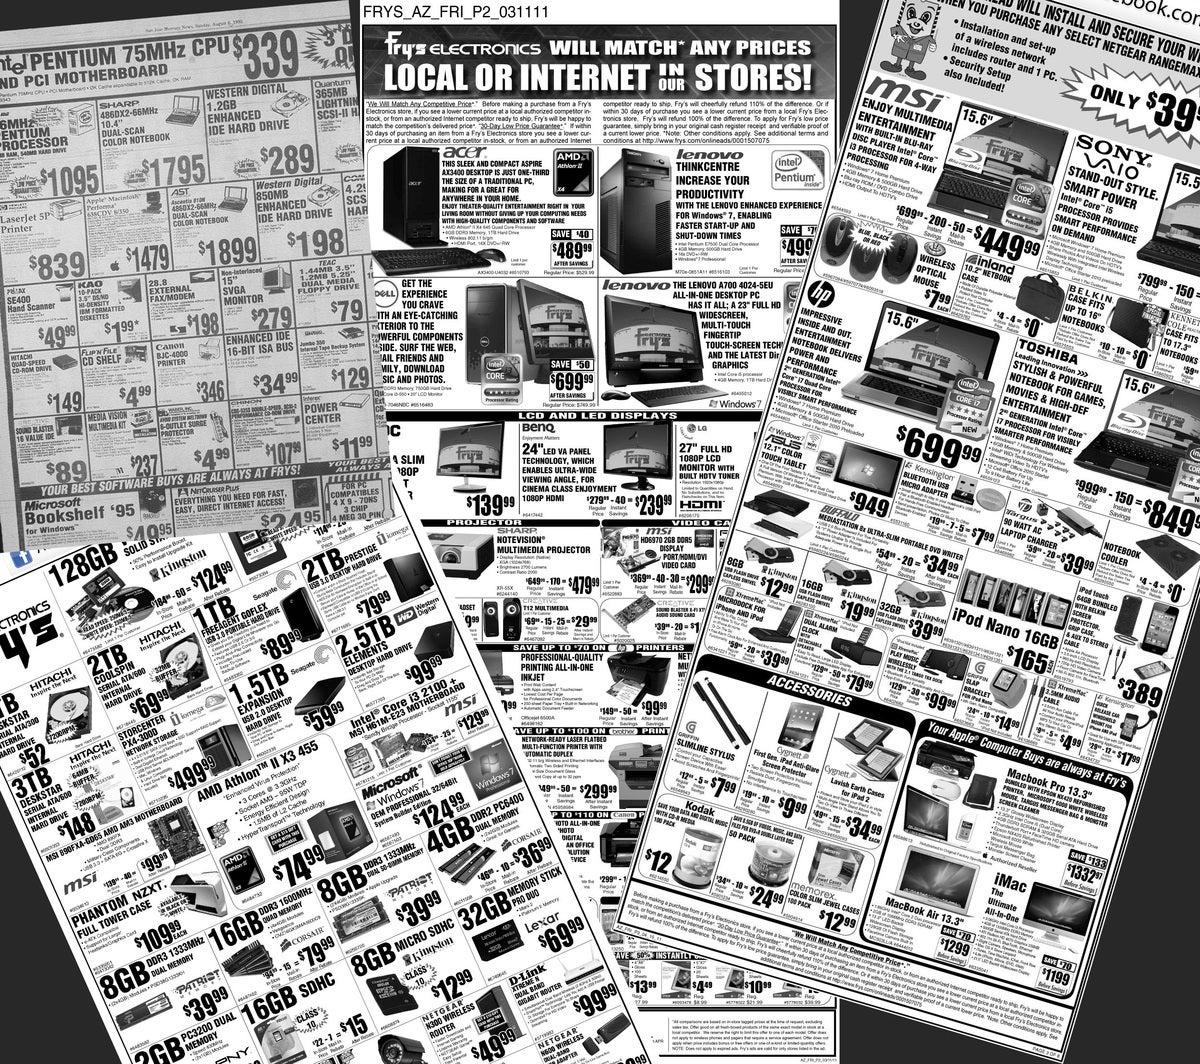 روزنامه های الکترونیکی سرخ شده بخشنامه های تبلیغاتی